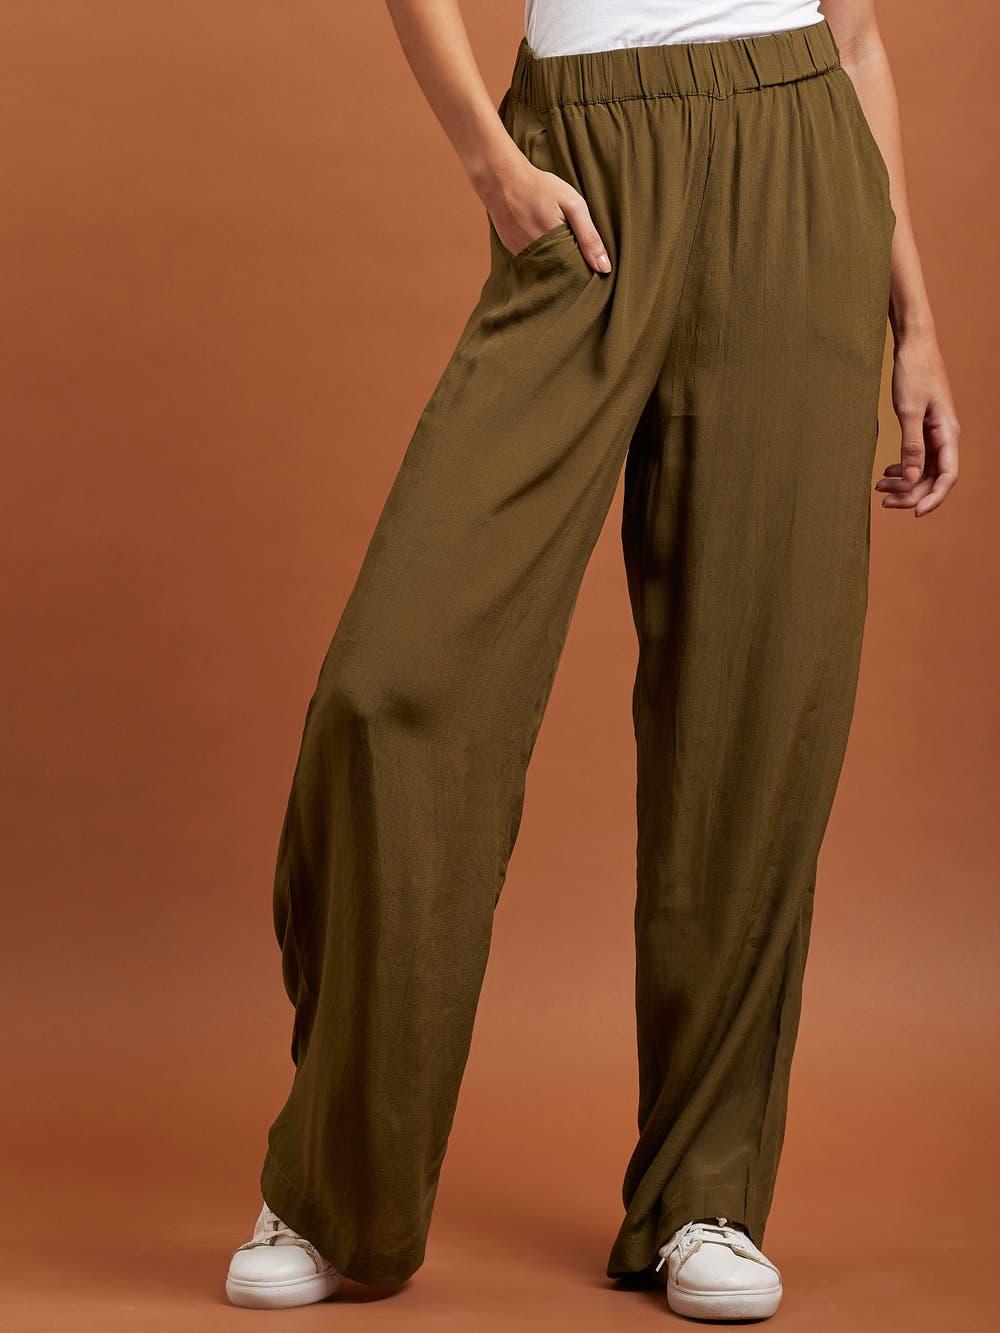 Khaki Brown Crepe Trousers